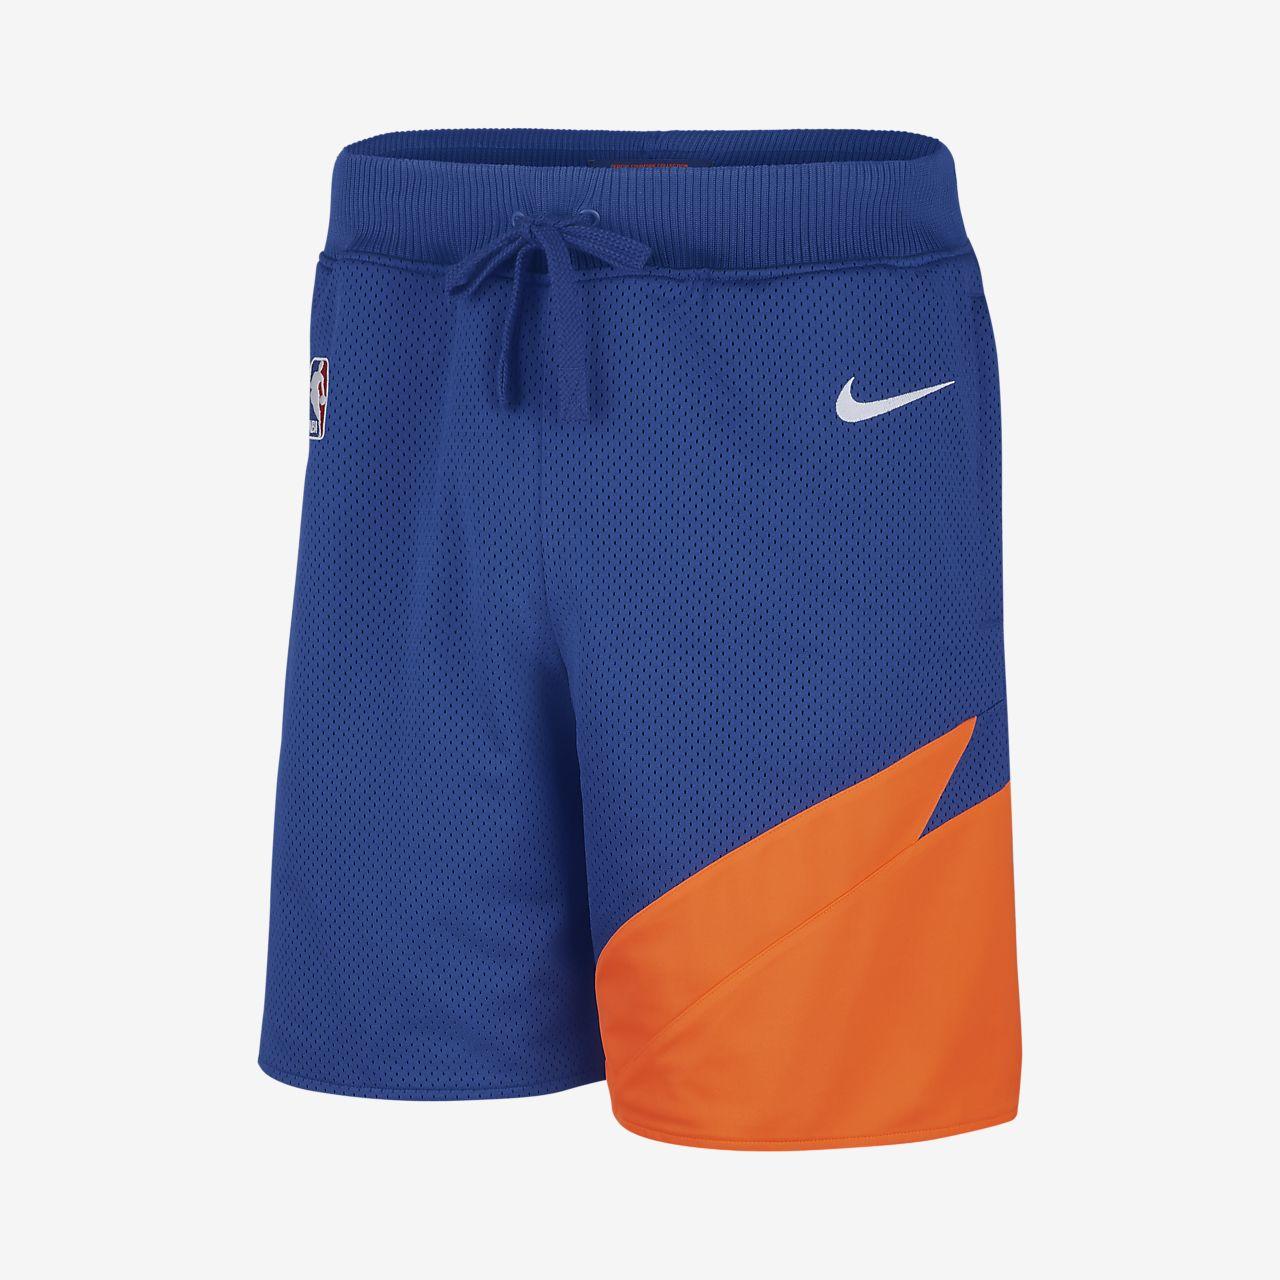 Calções NBA Cleveland Cavaliers Nike Courtside para homem